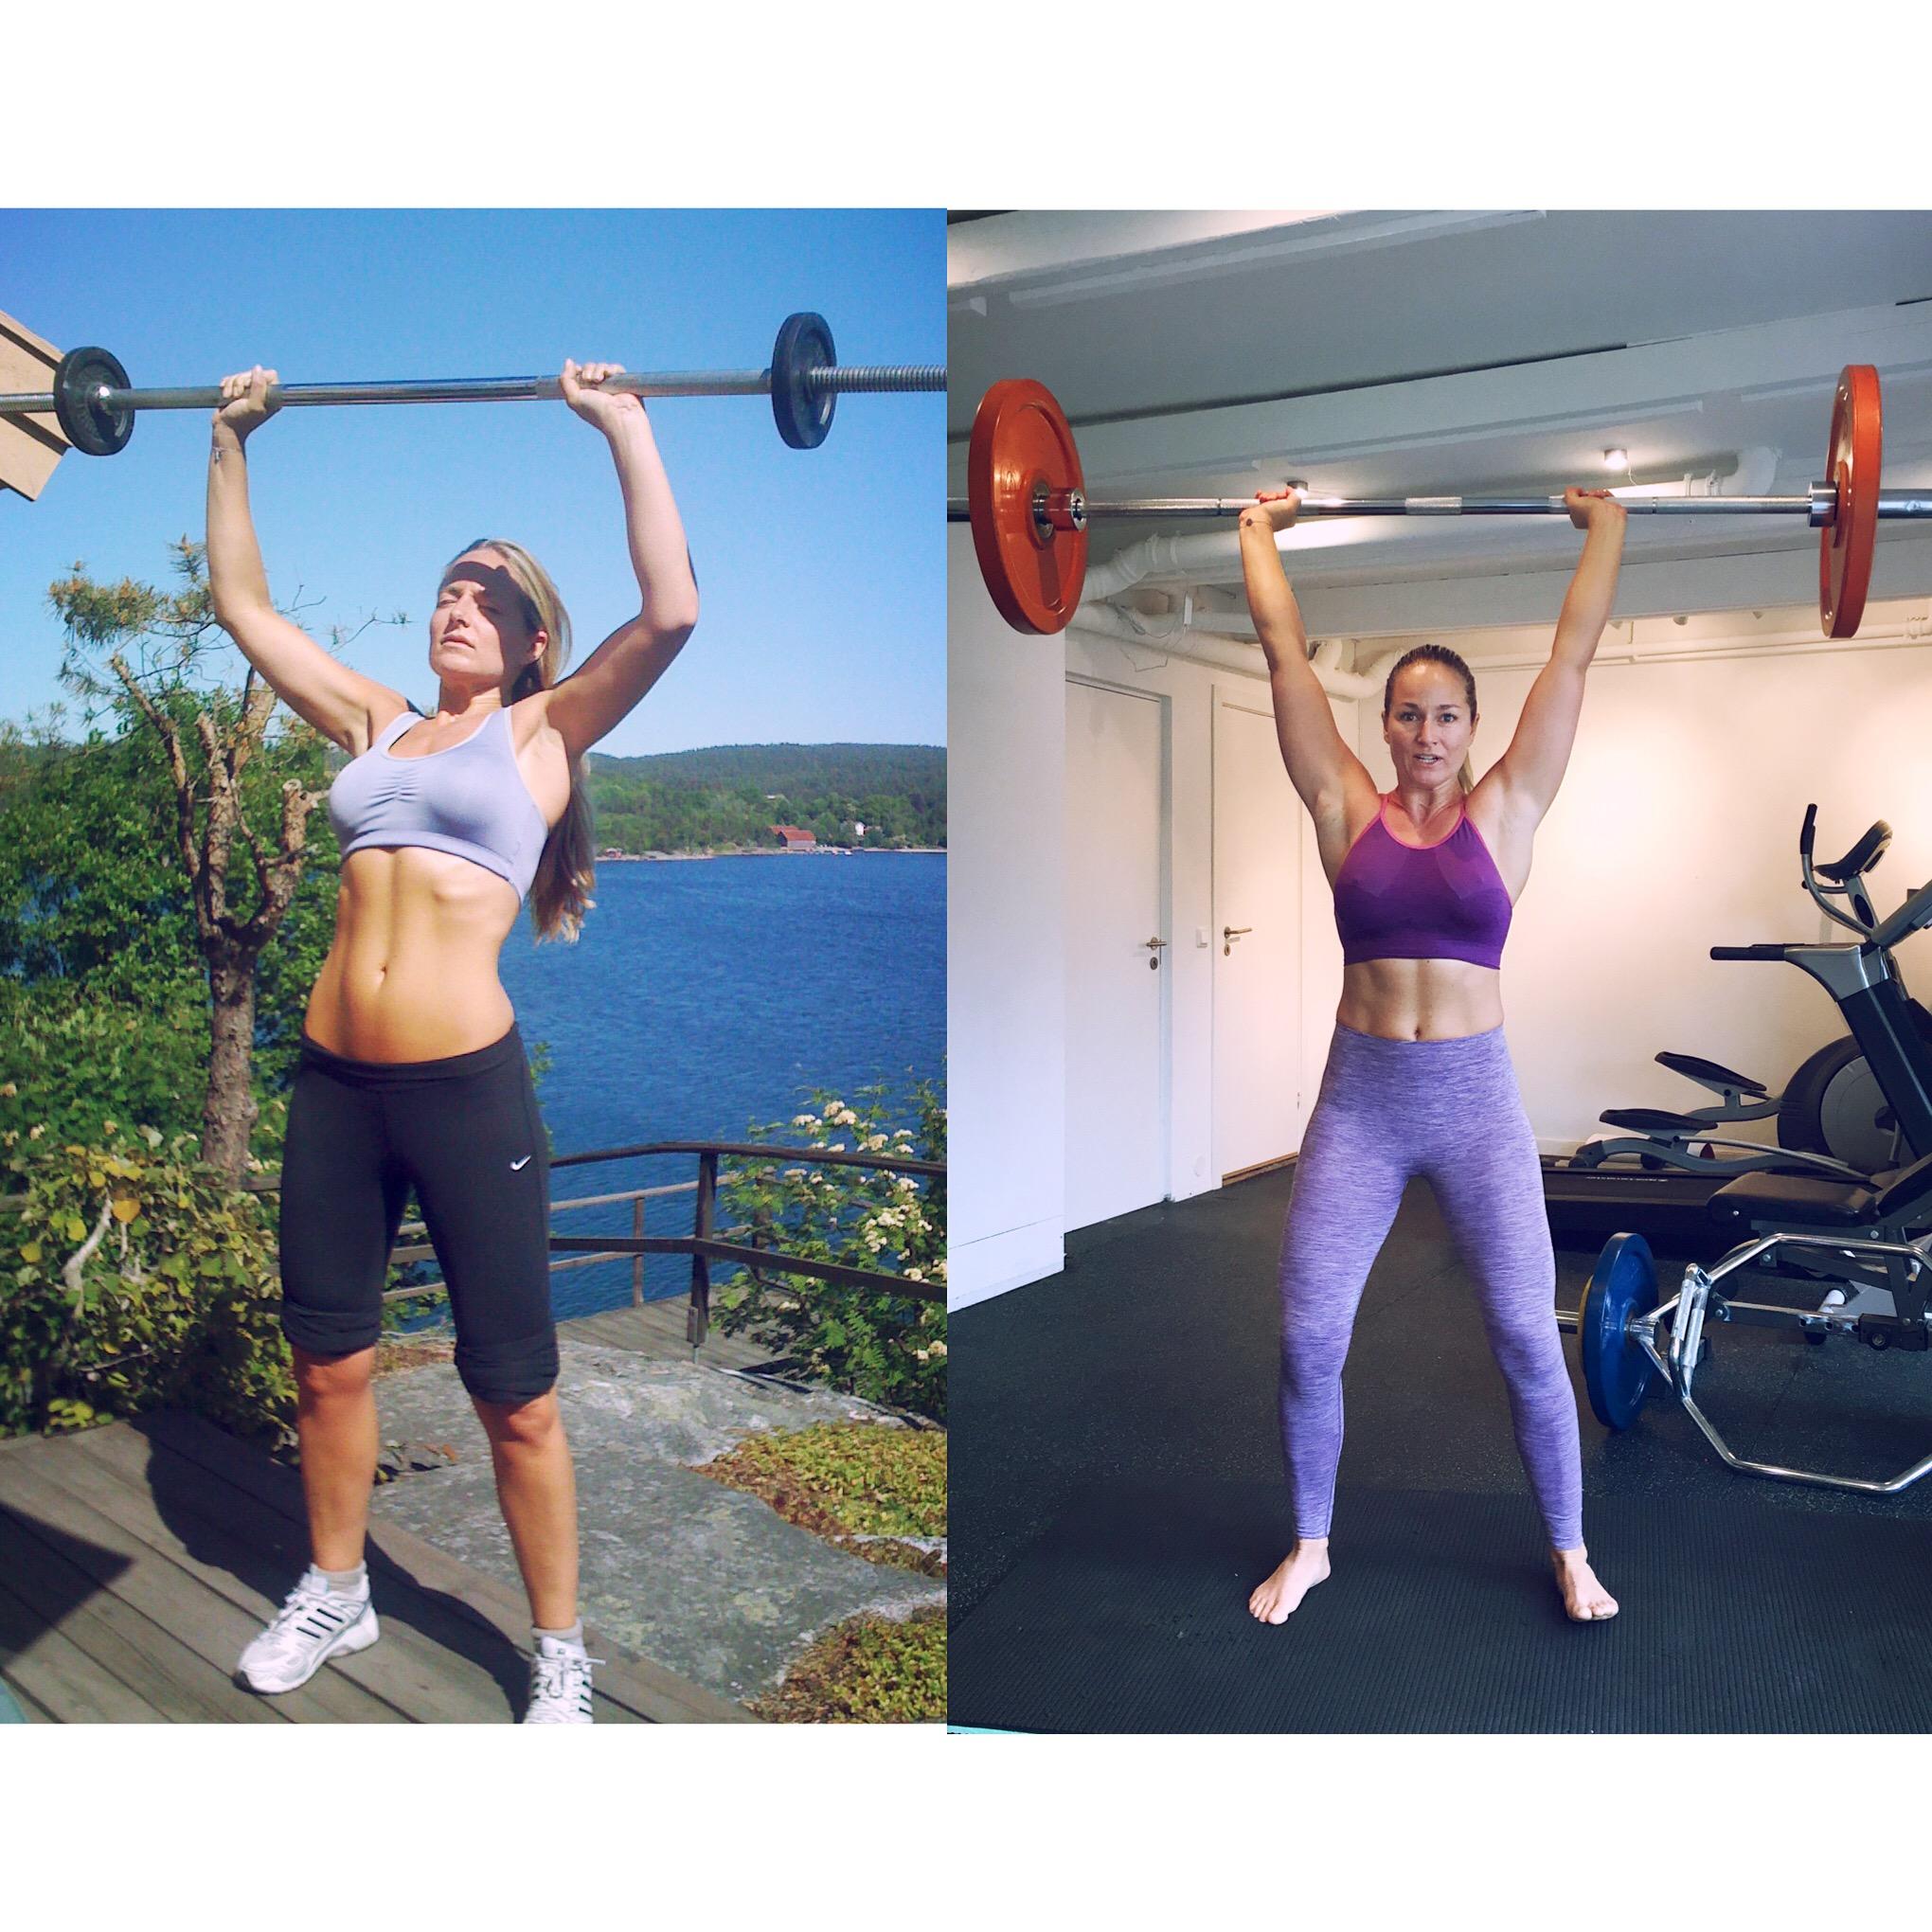 Fra pipestilk til sterk, men absolutt ingen fitness-modell